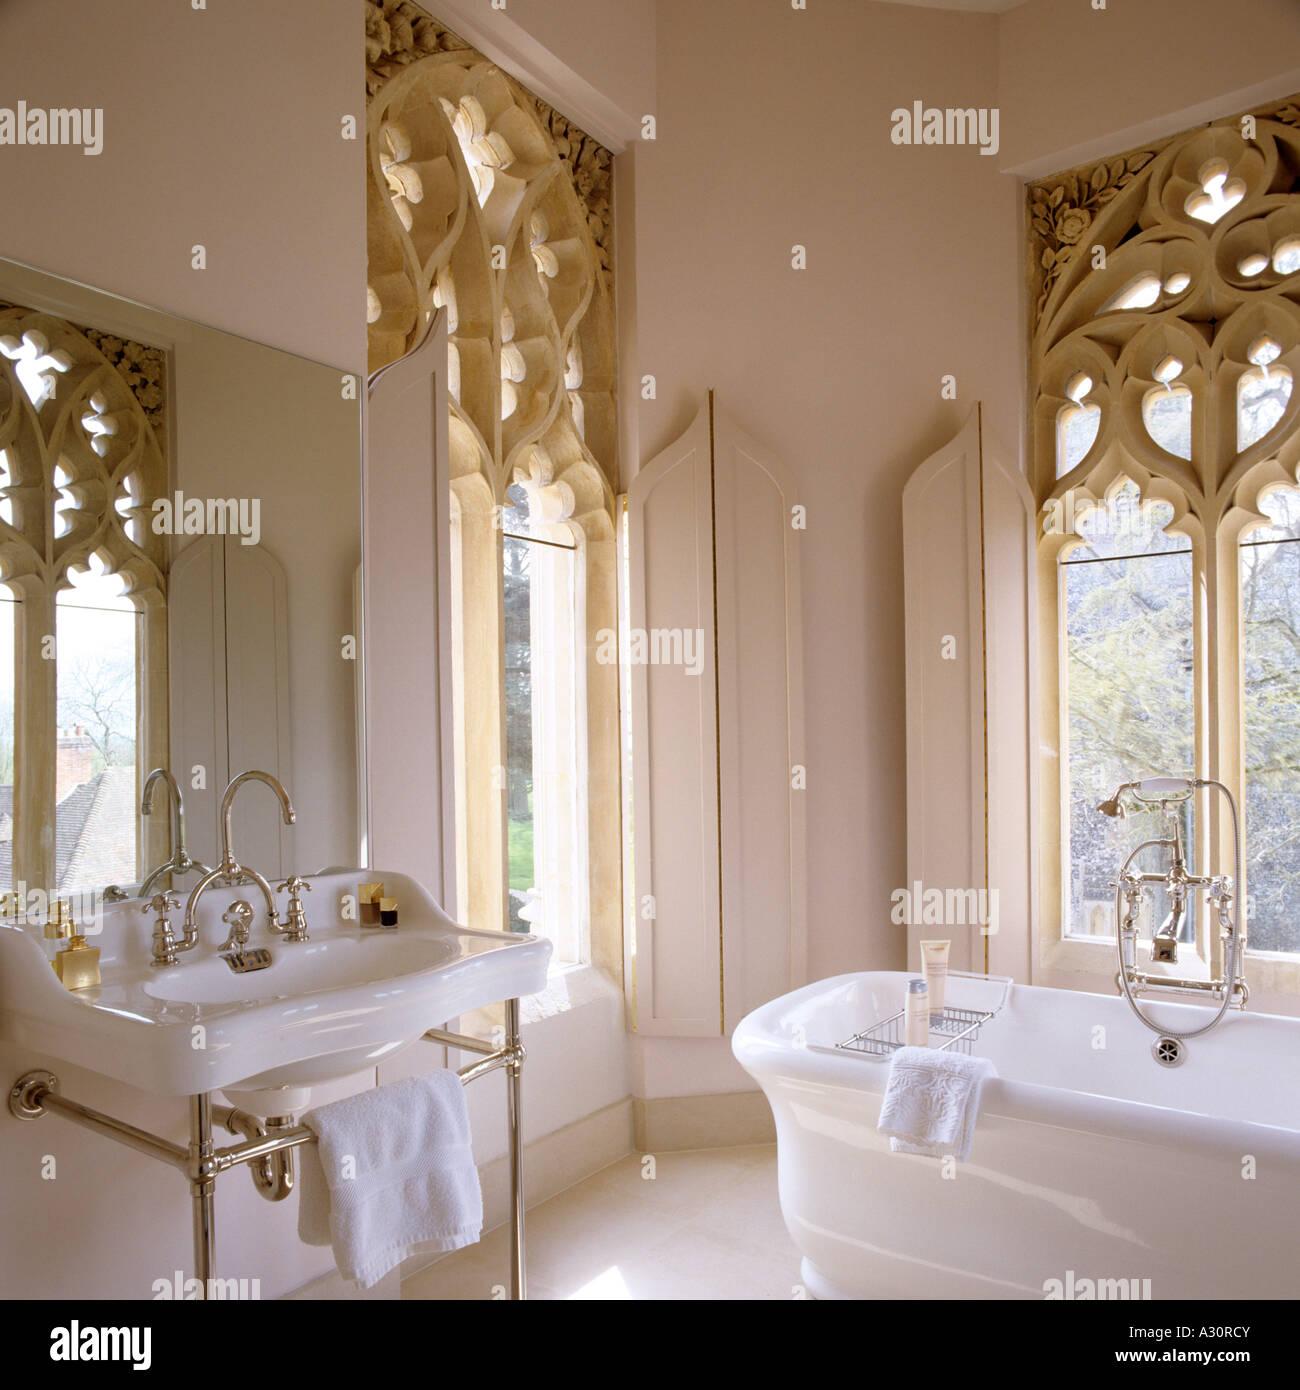 Badezimmer Mit Großen Gotischen Fenstern Im Pfarrhaus Aus Dem 18.  Jahrhundert